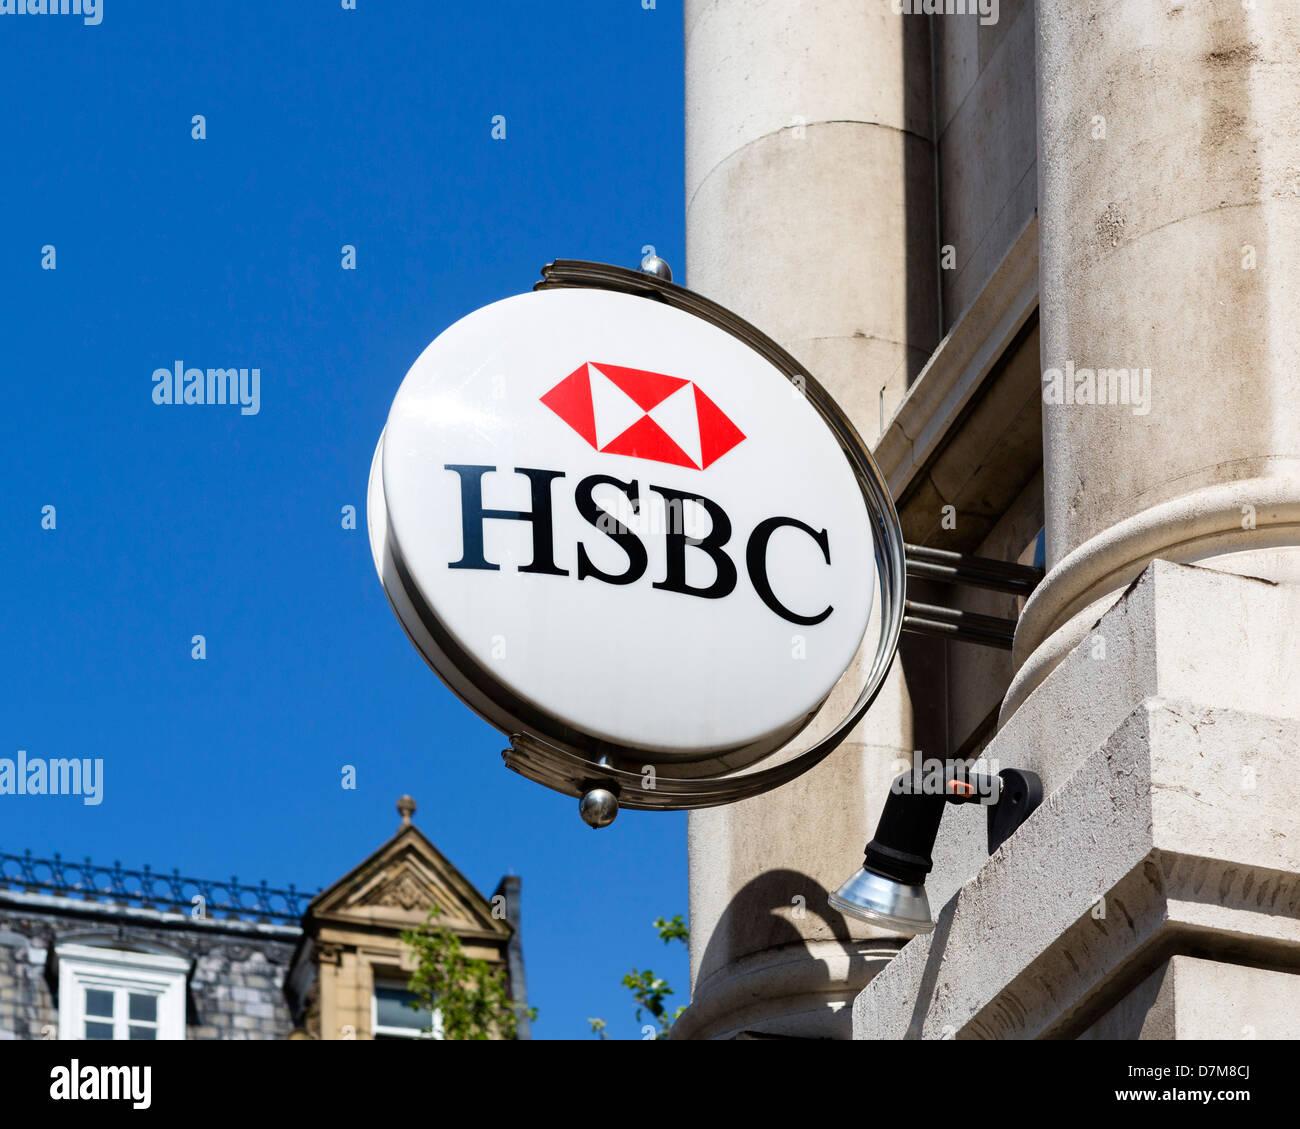 La Banque HSBC à Doncaster, South Yorkshire, Angleterre, Royaume-Uni Photo Stock